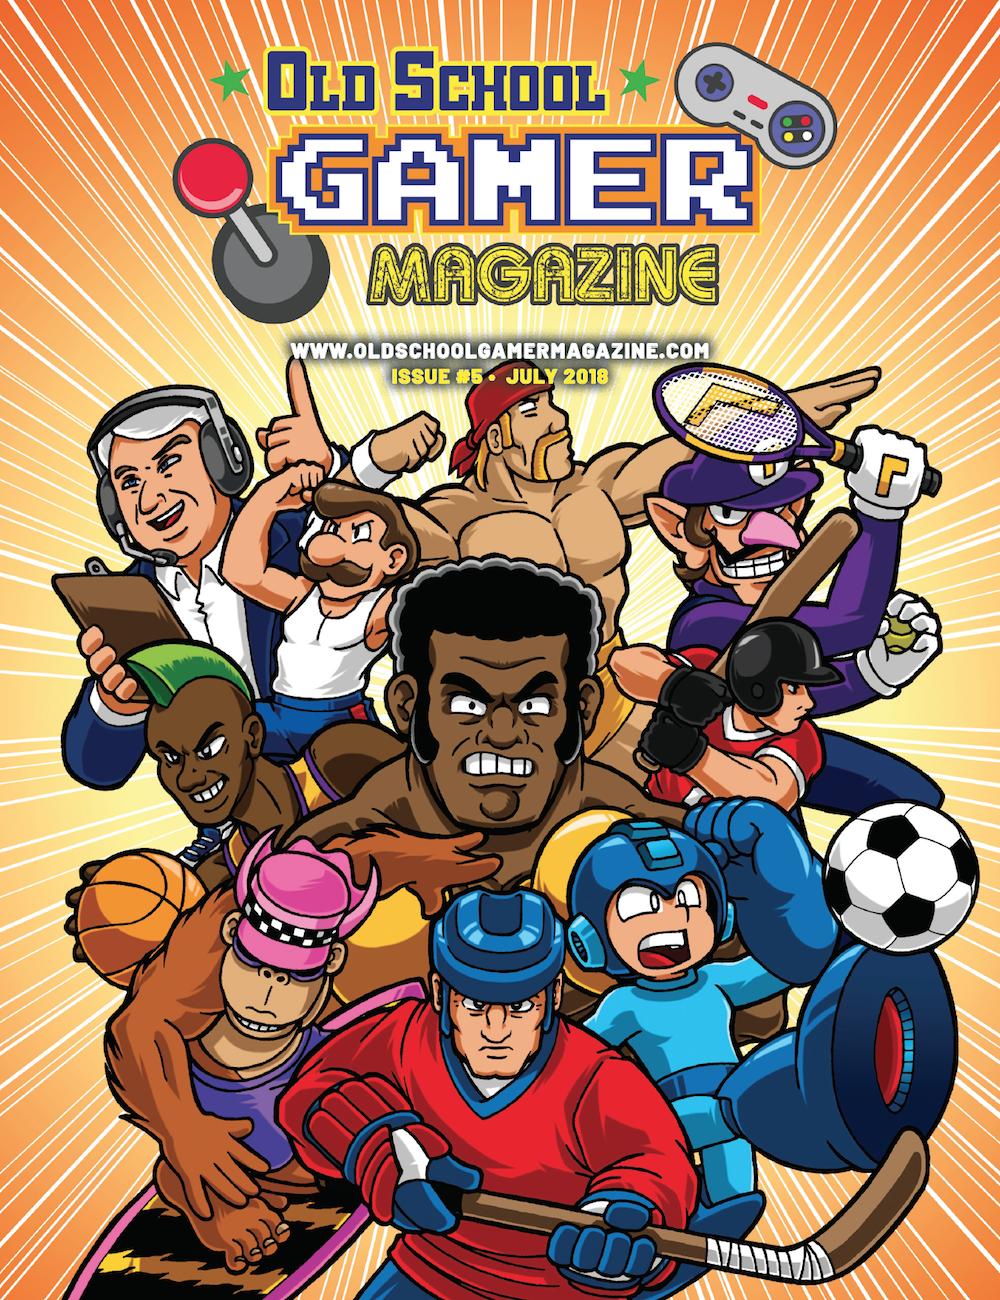 Brett Weiss: Words of Wonder: Old School Gamer Magazine